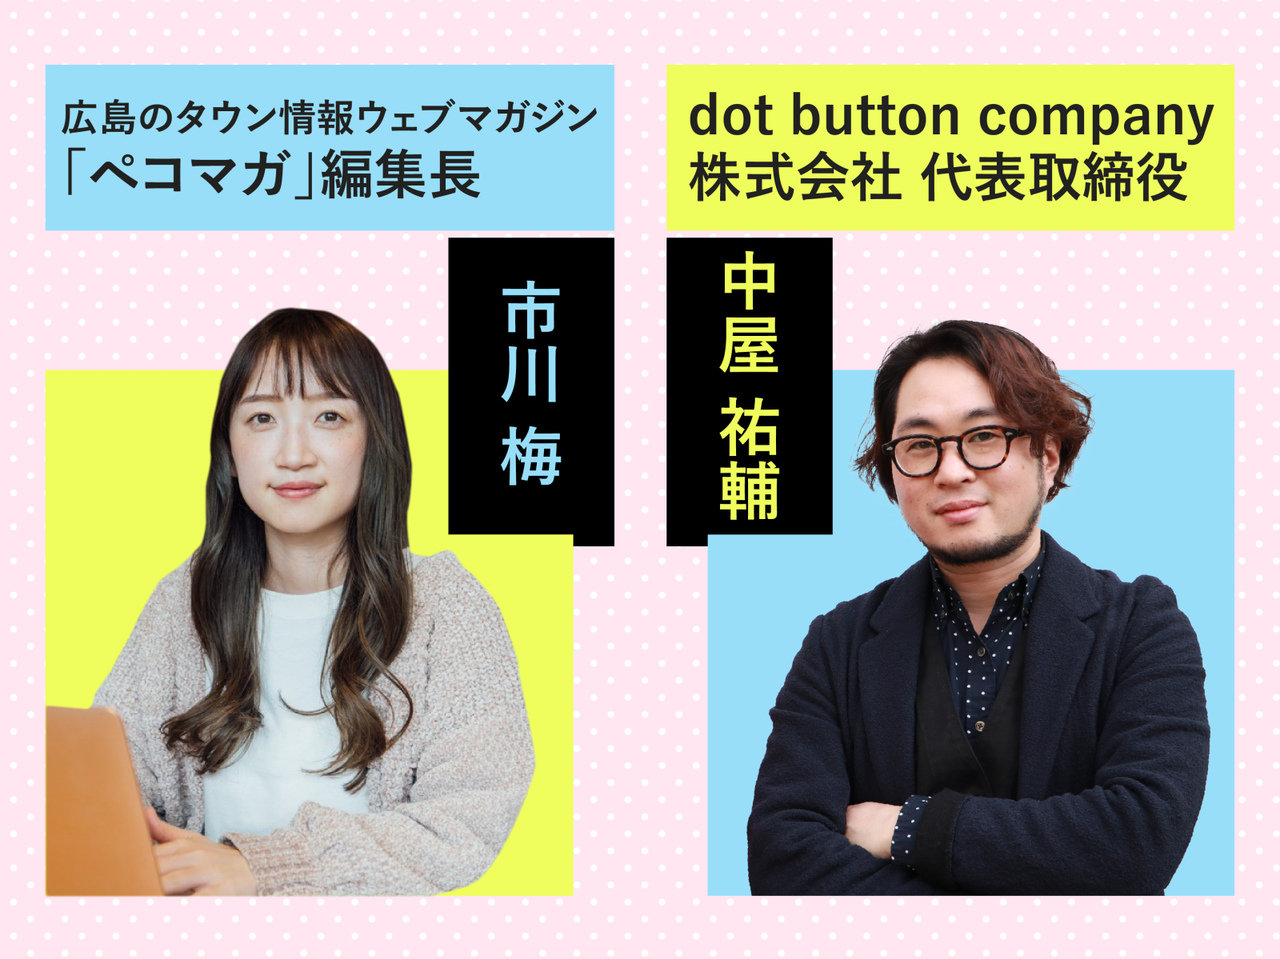 広島愛溢れるウェブマガジン編集長の想い。自らが架け橋になり情報を届ける【市川梅・中屋祐輔対談】